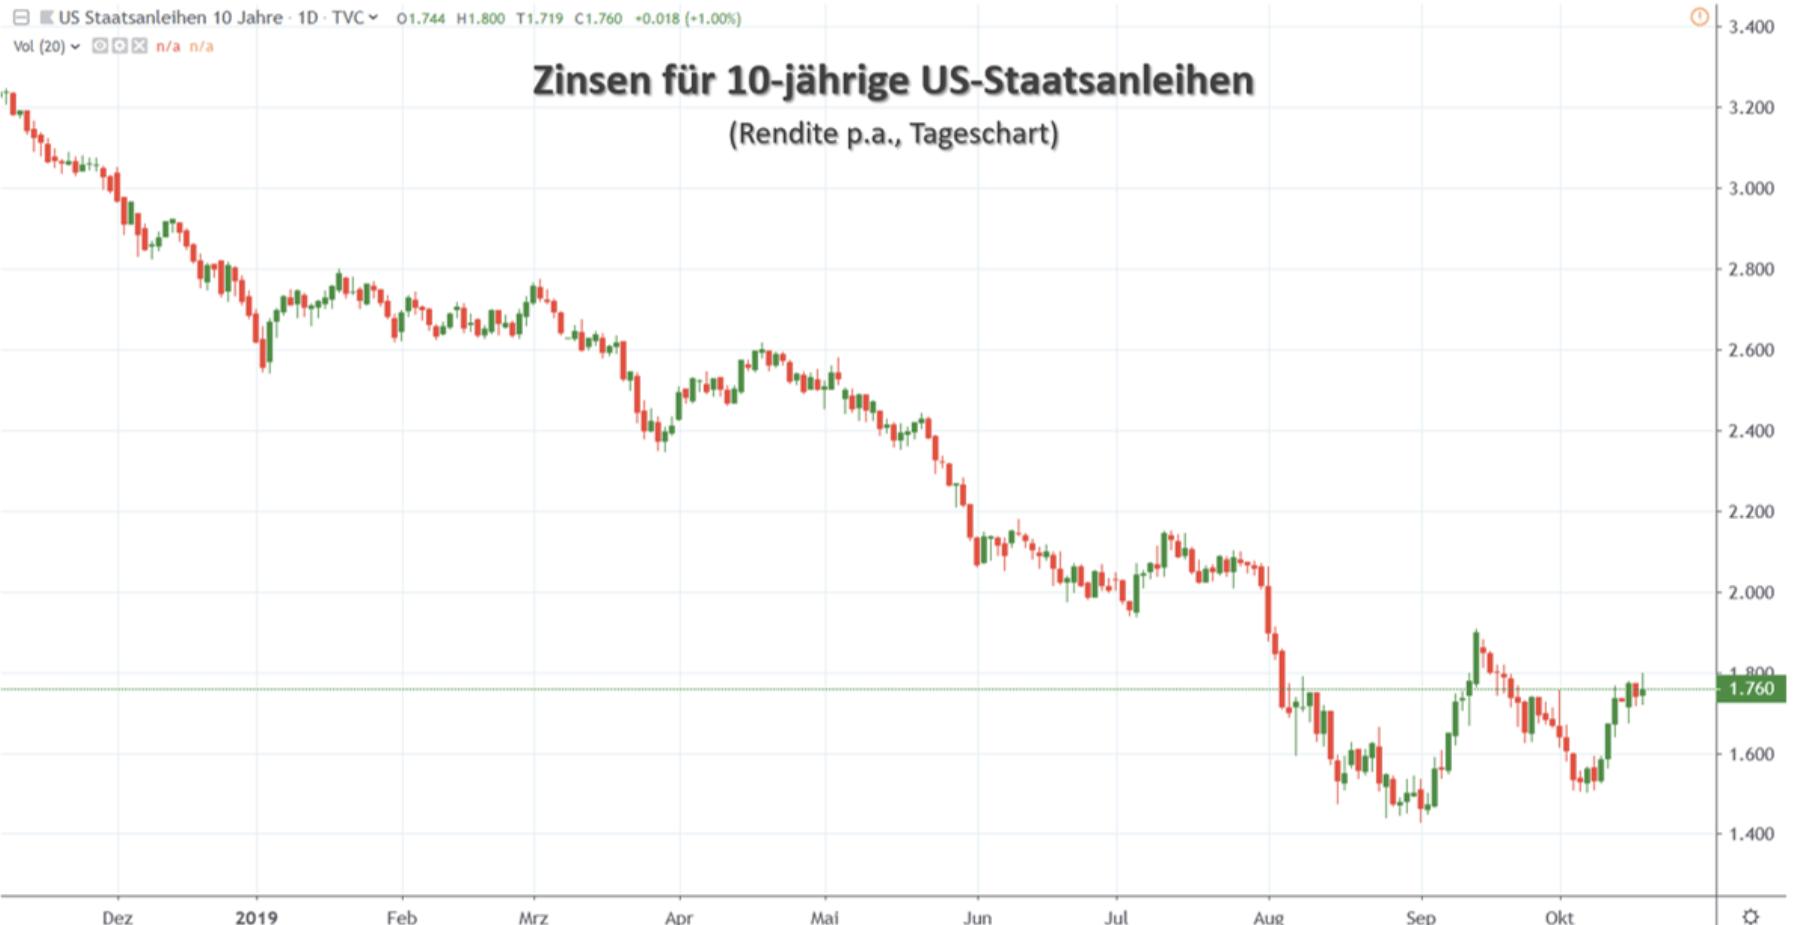 Zinsen 10 Jahre US-Staatsanleihen